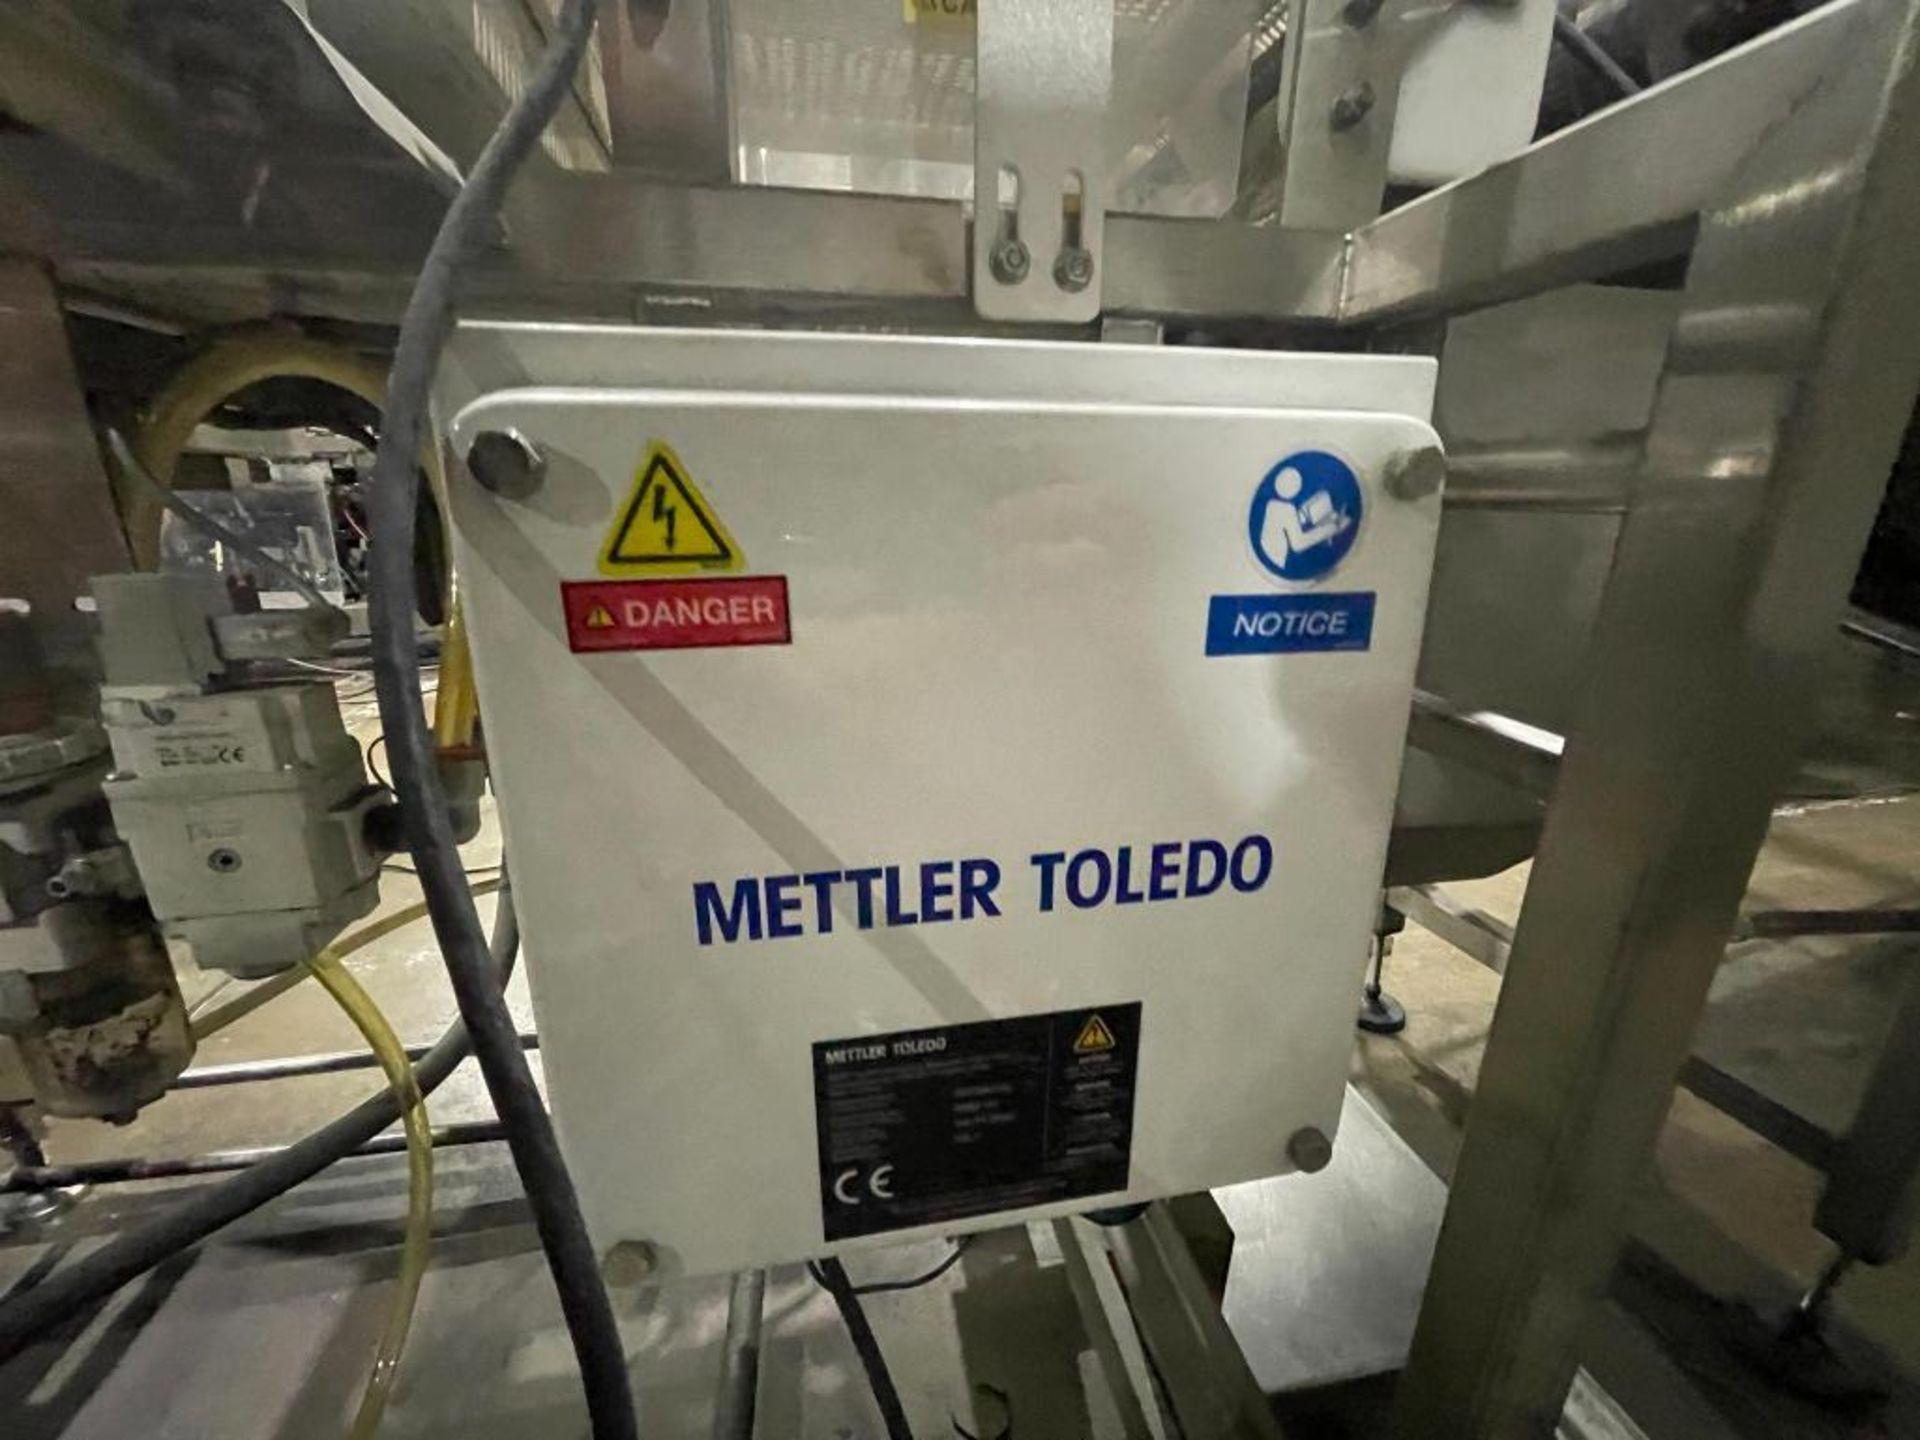 2016 Mettler Toledo metal detector, model SL1500 - Image 10 of 16